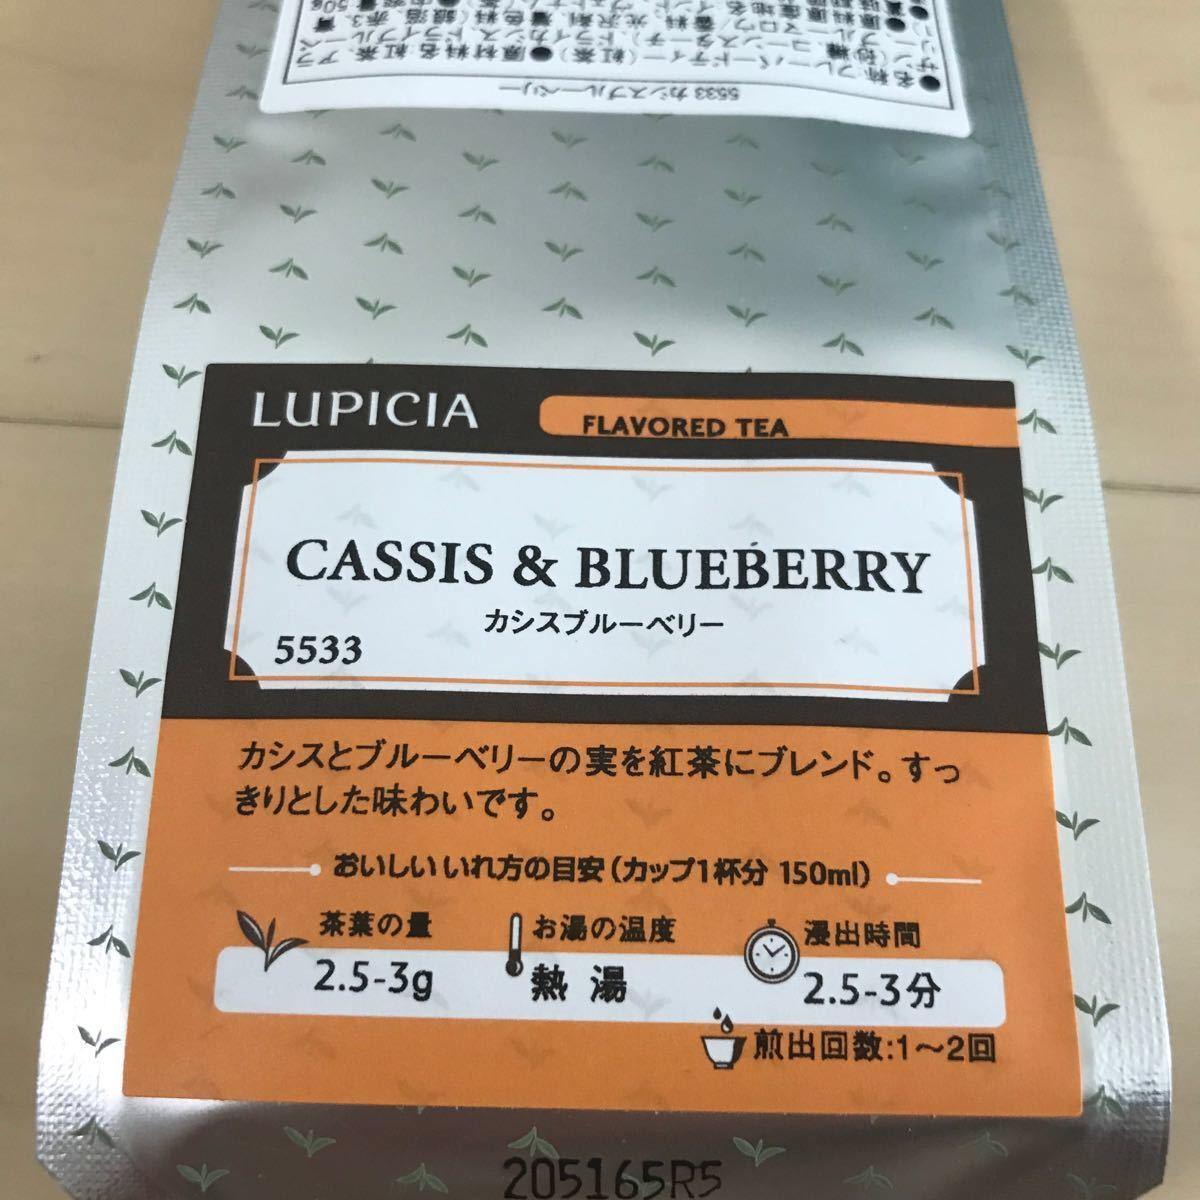 紅茶専門店LUPICIA カシスブルーベリー ルピシア